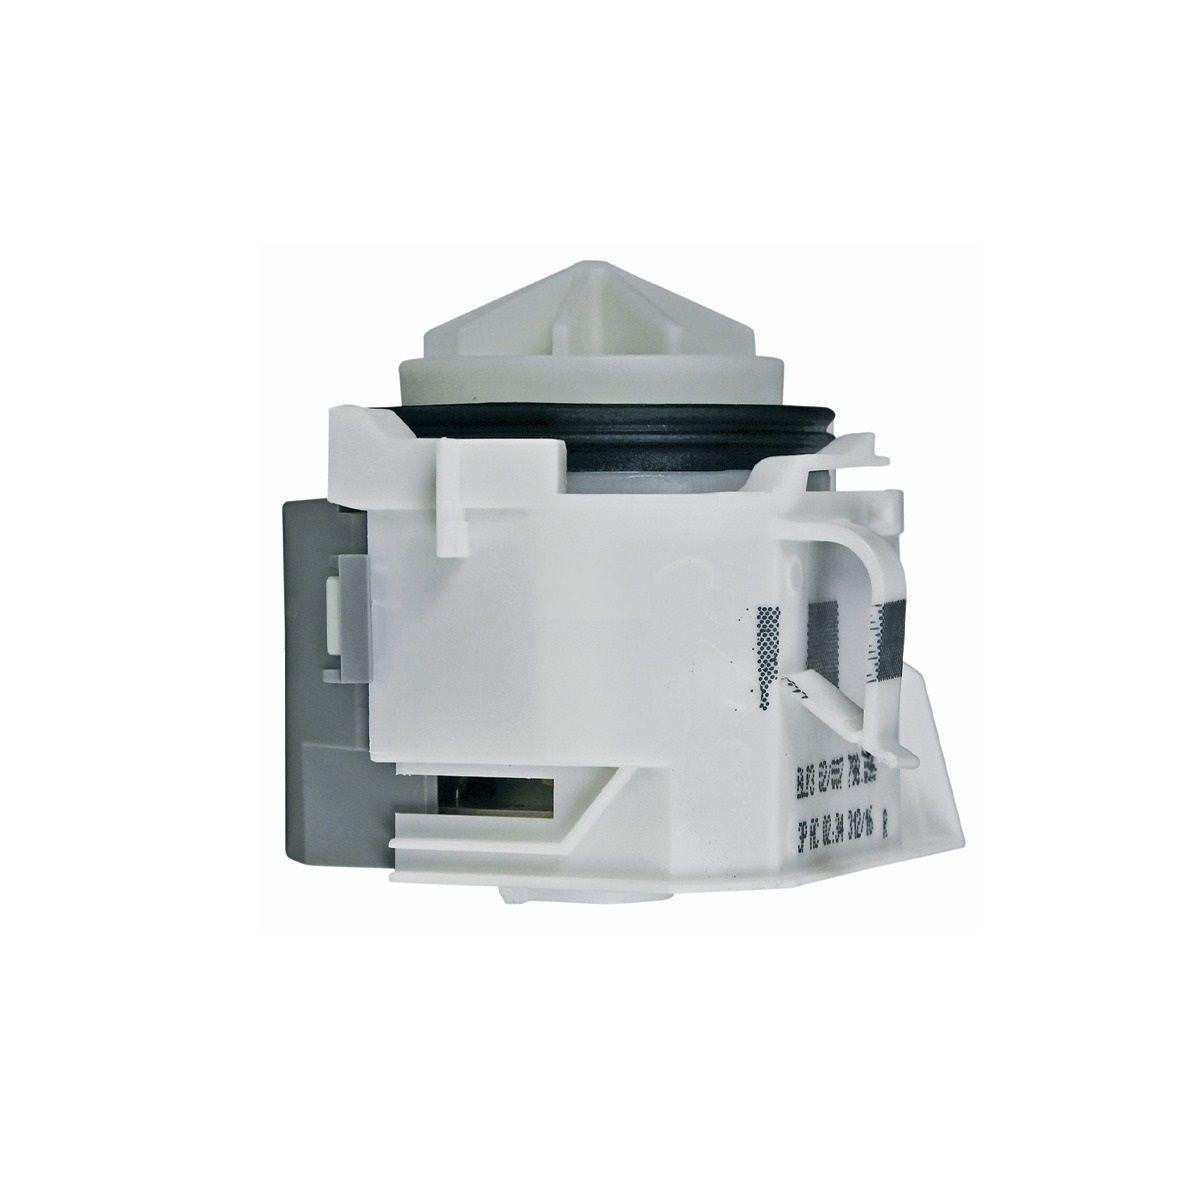 čerpadlo do myček Bosch, Siemens a Gorenje z produkce BSH - 00631200 Bosch / Siemens